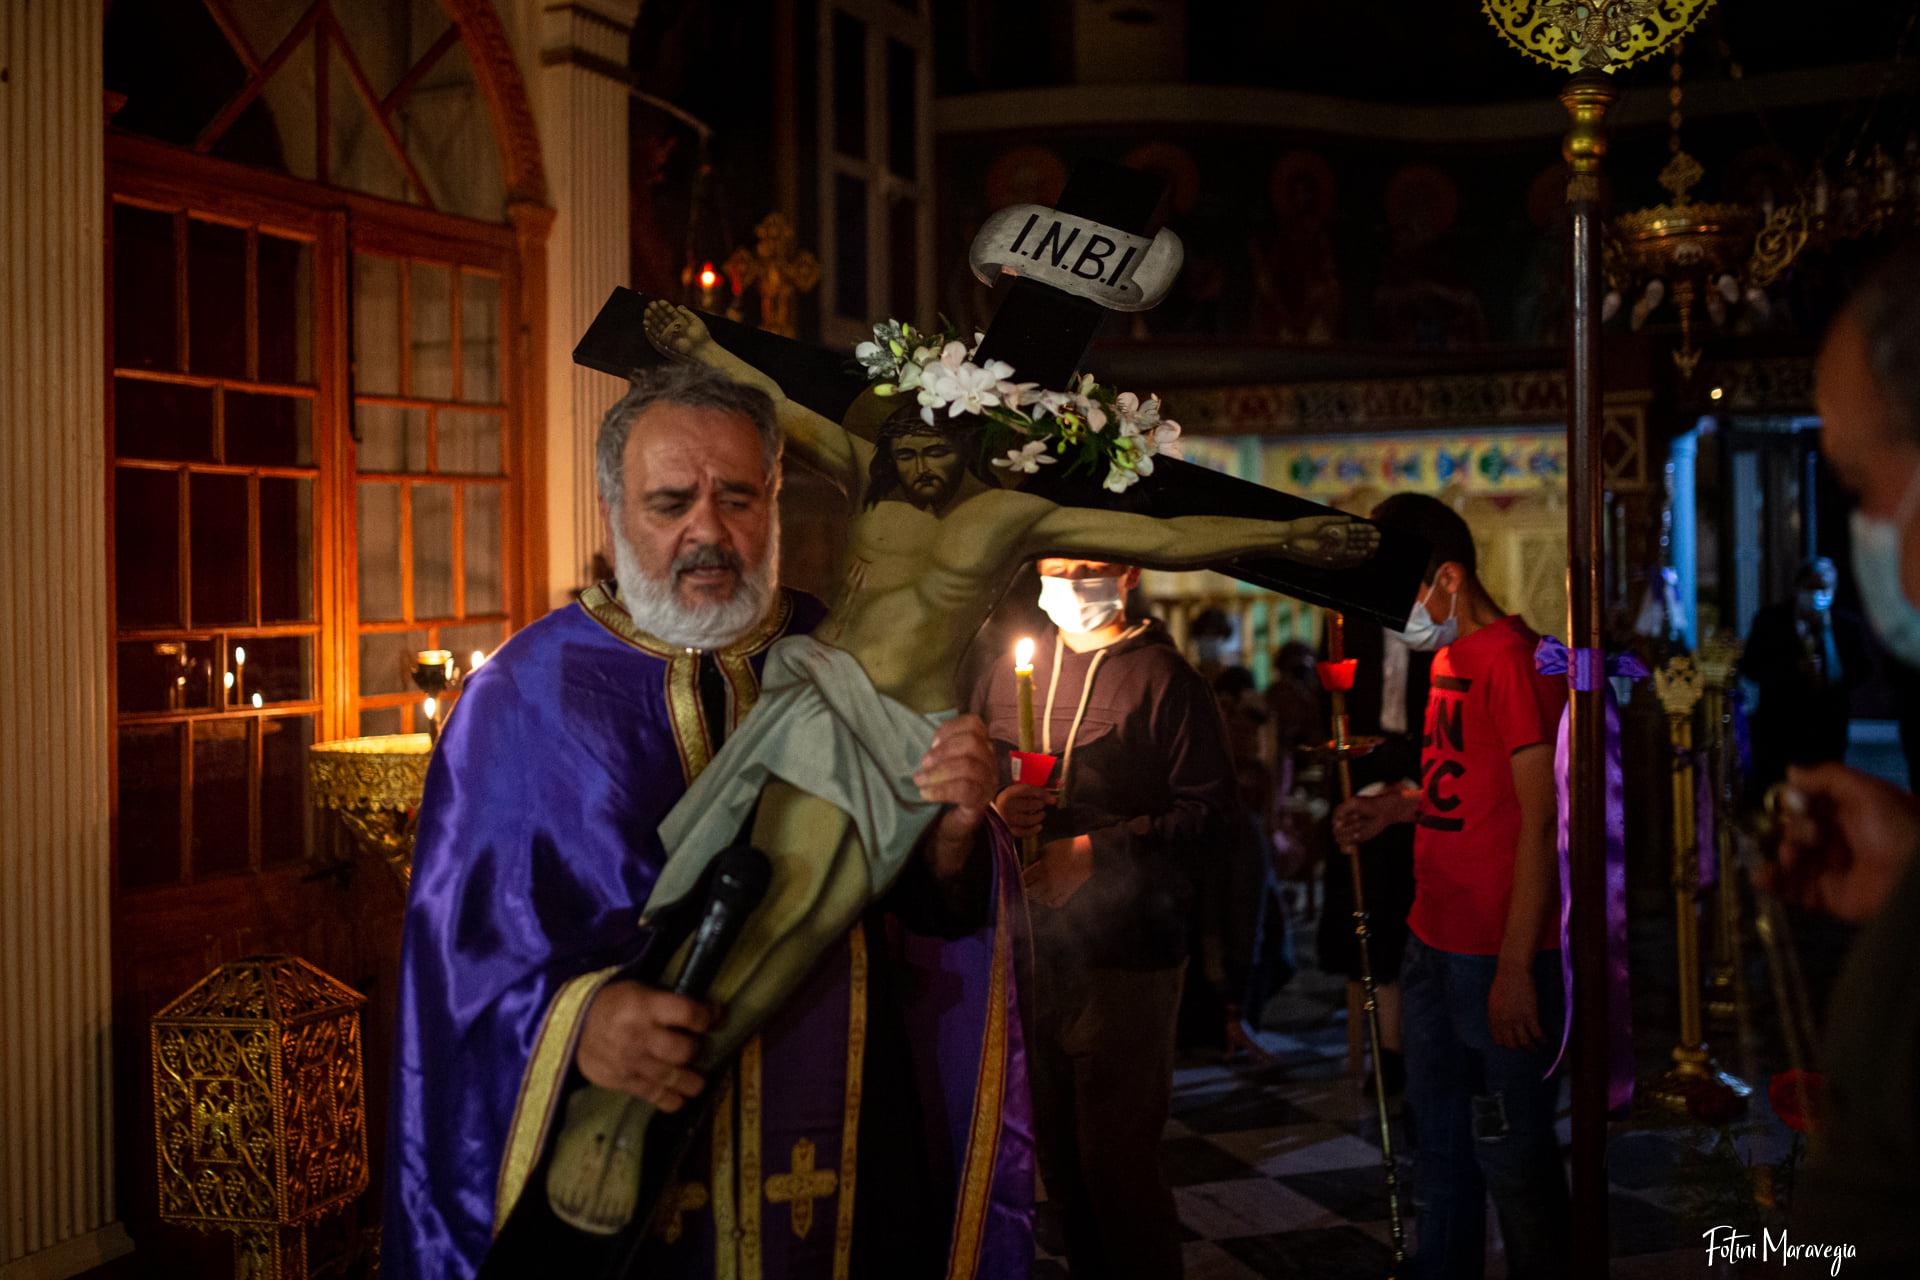 Η ακολουθία των Παθών στον ιερό ναό Παμμεγίστων Ταξίαρχων στα Βαλσαμάτα [εικόνες]